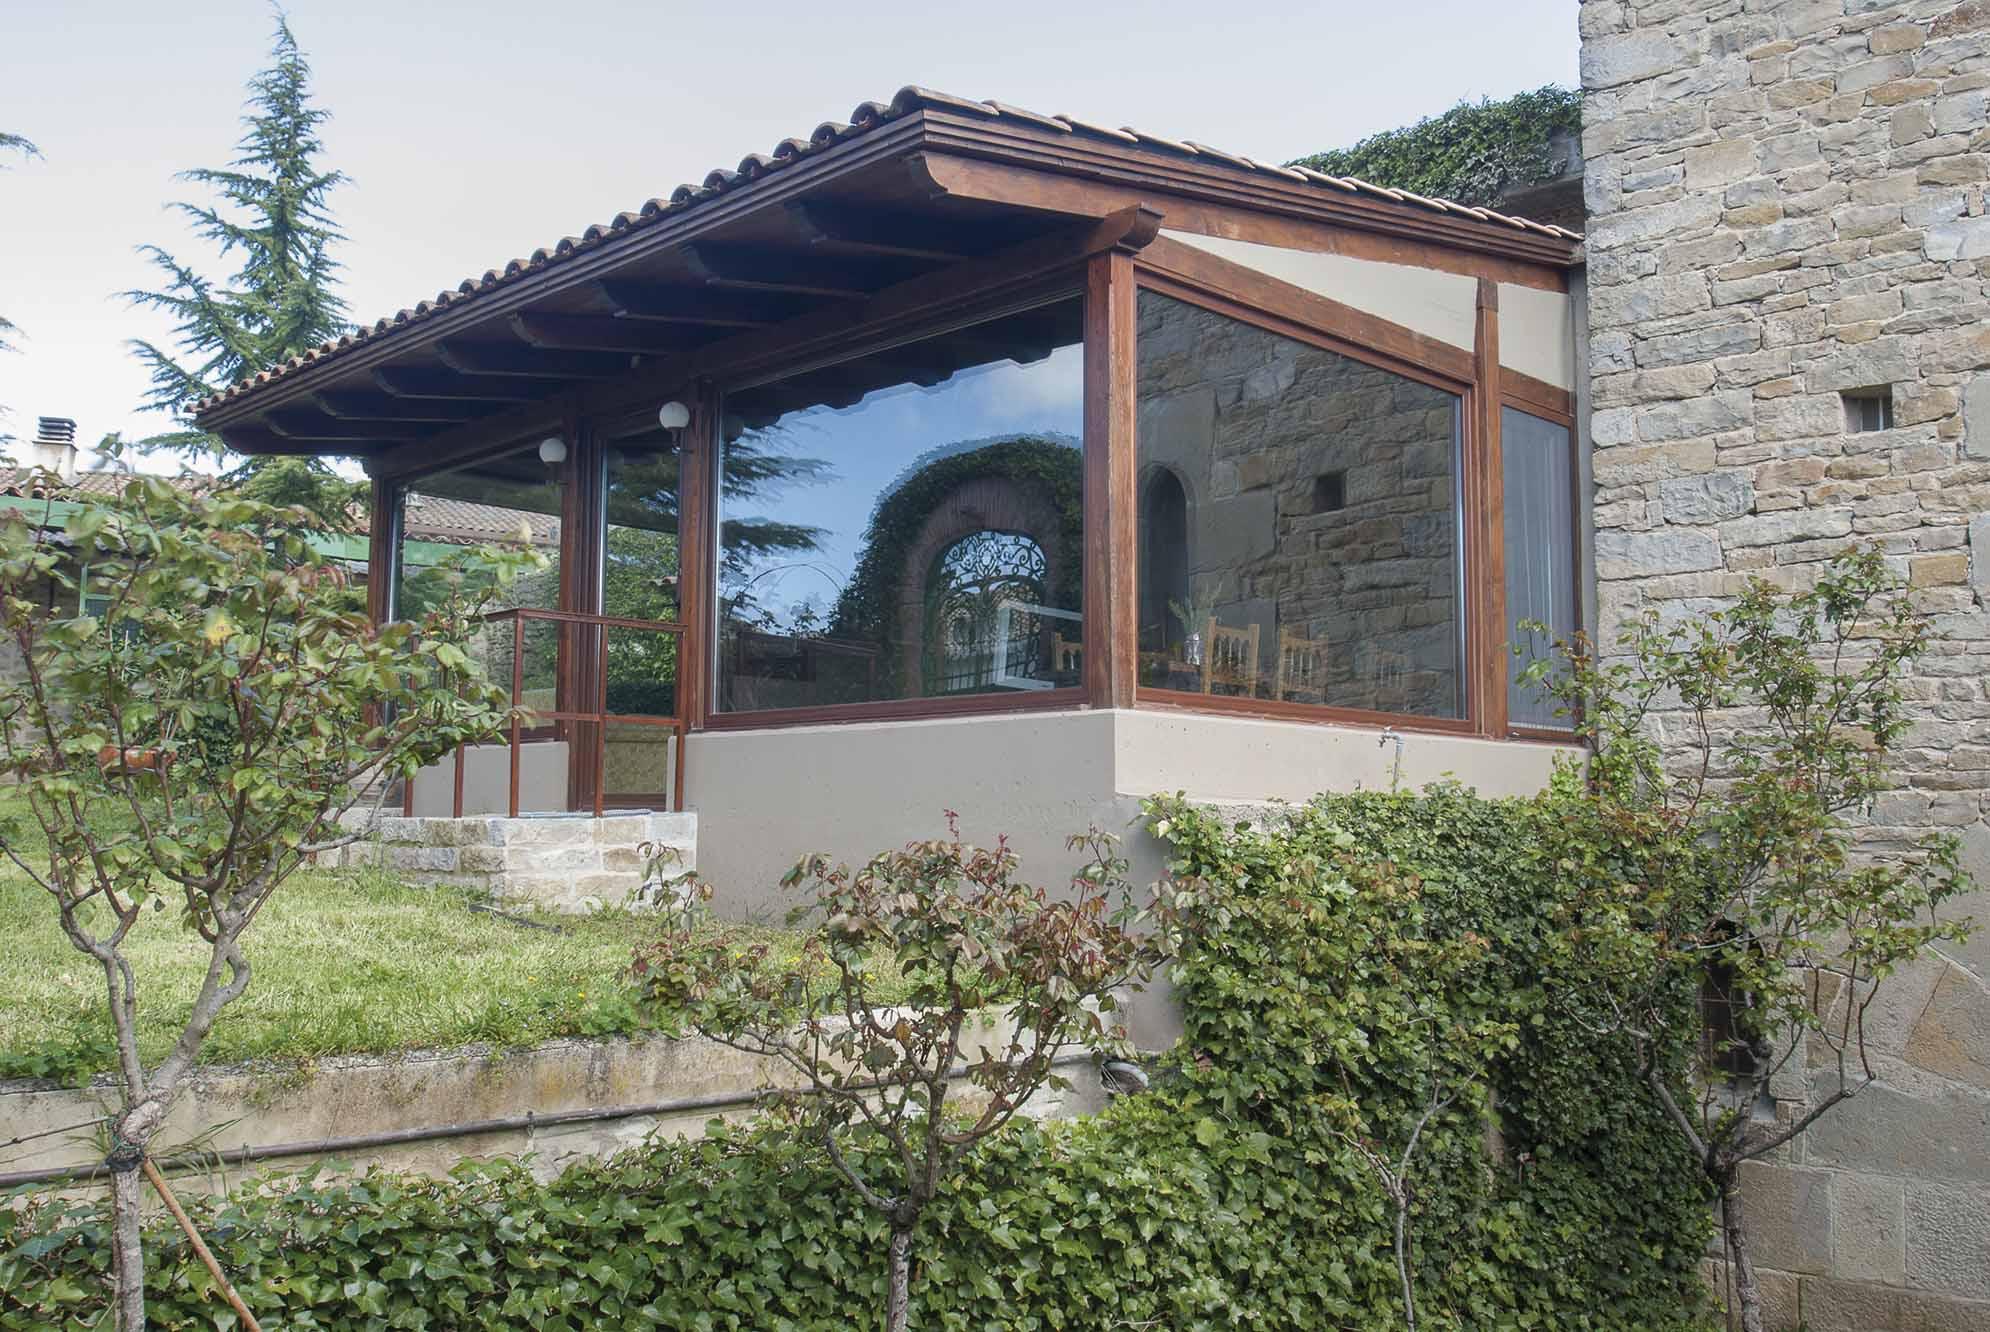 cerramientos-cristal-porches-jardines-aticos-17